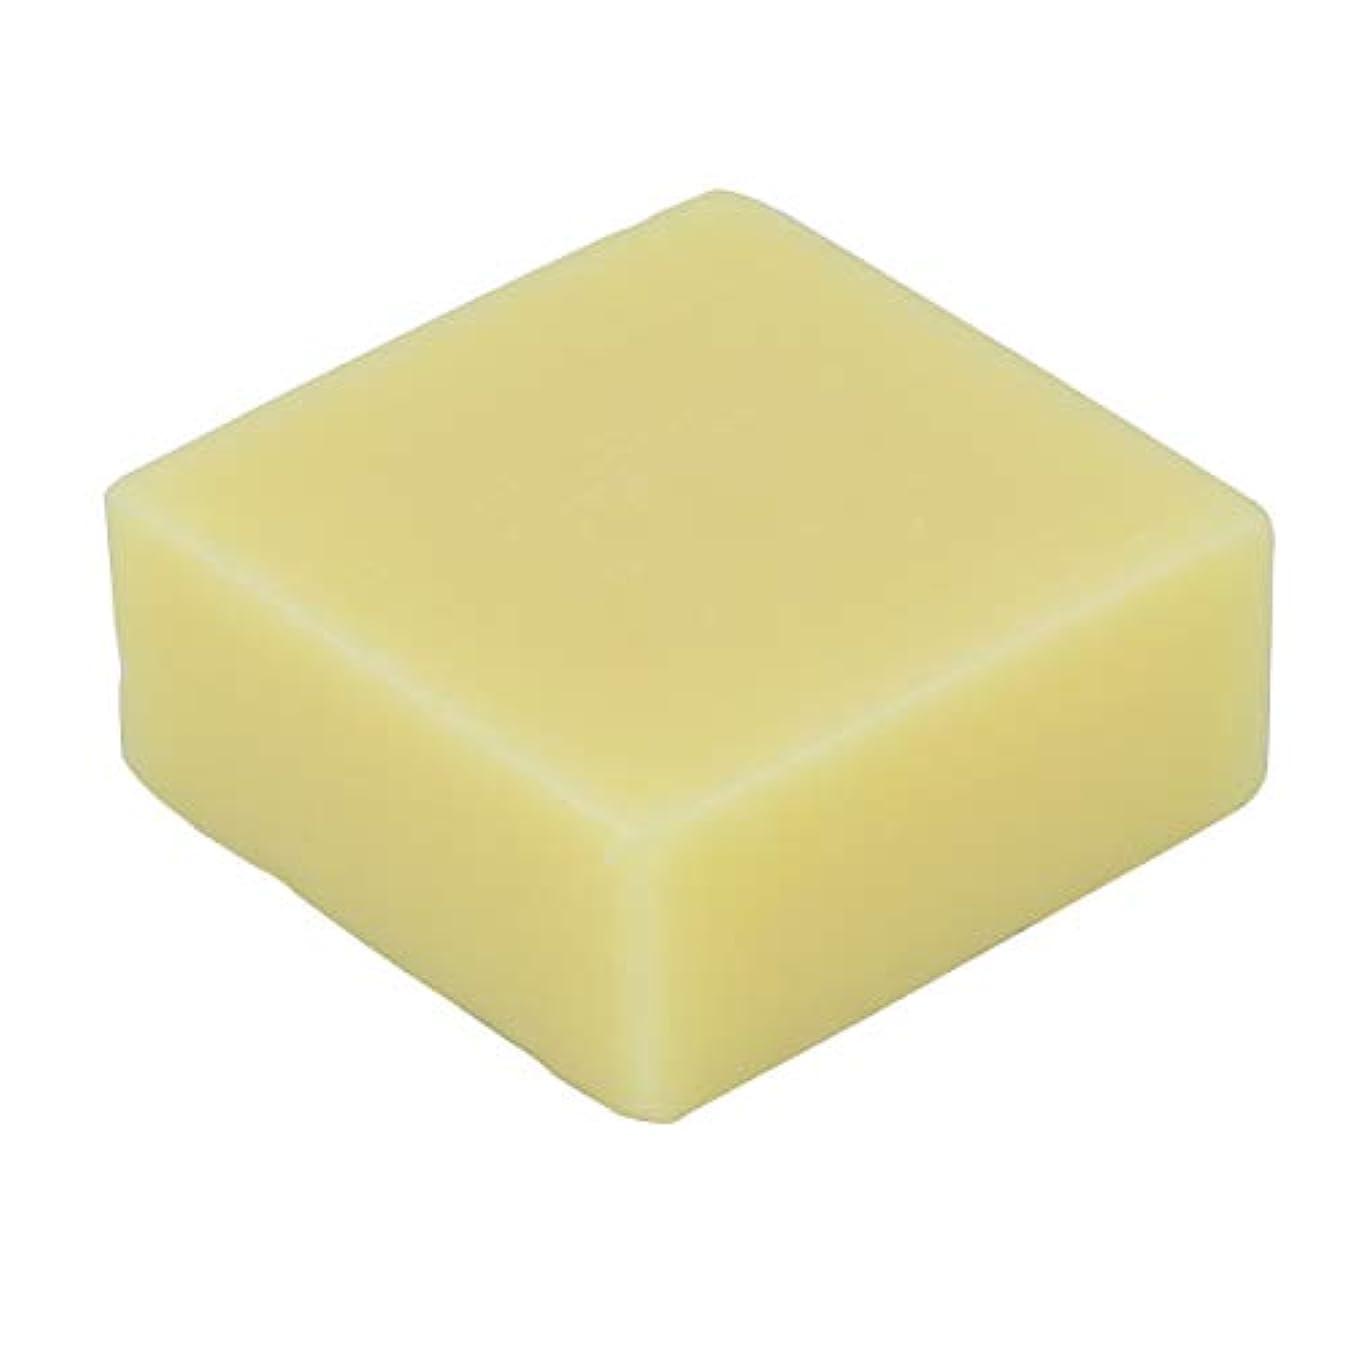 Lurrose お風呂用洗顔石鹸バー手作りエッセンシャルオイル石鹸人参石鹸